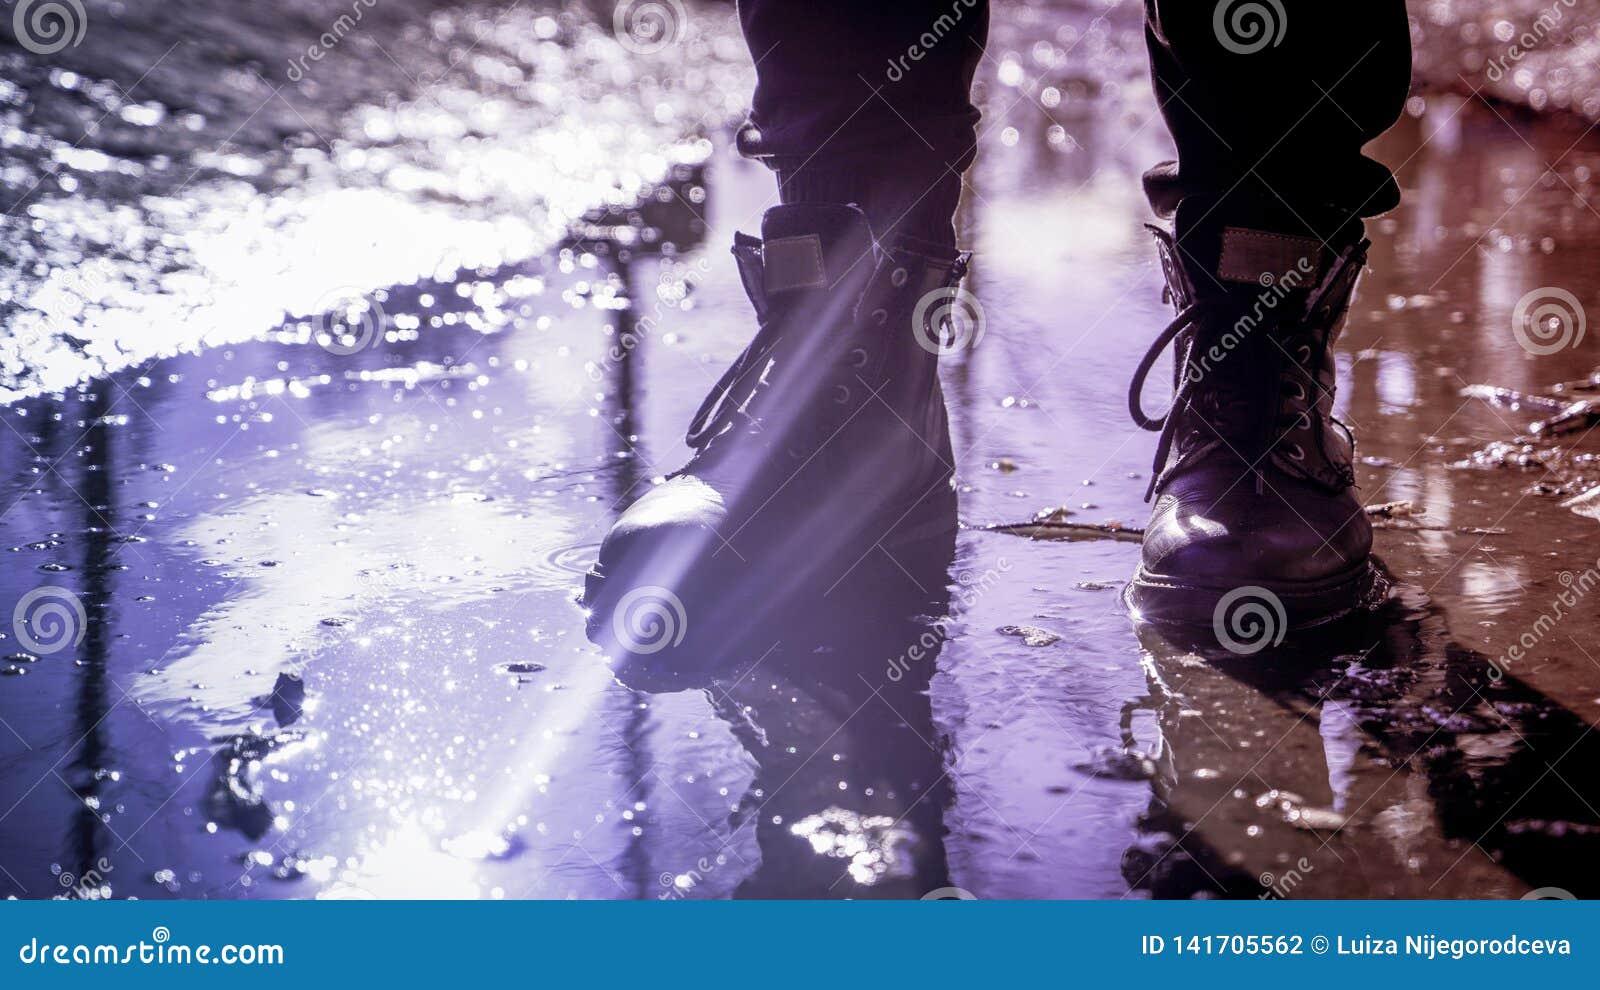 Ανθρώπινα πόδια στις μοντέρνες μπότες που στέκονται στη λακκούβα